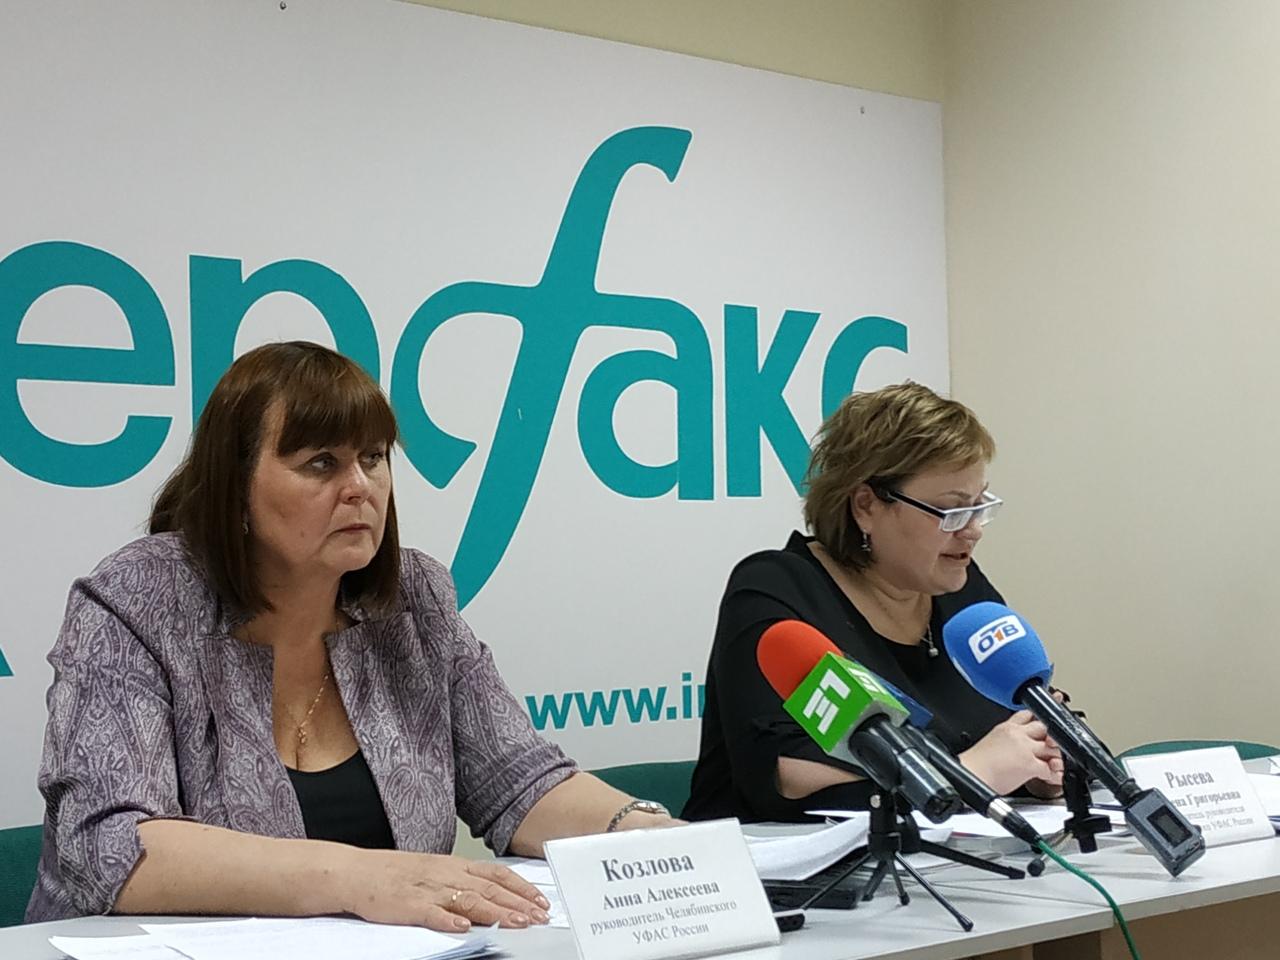 Челябинское УФАС подозревает компанию ООО «Теплосервис», действующую на территории города Коркино